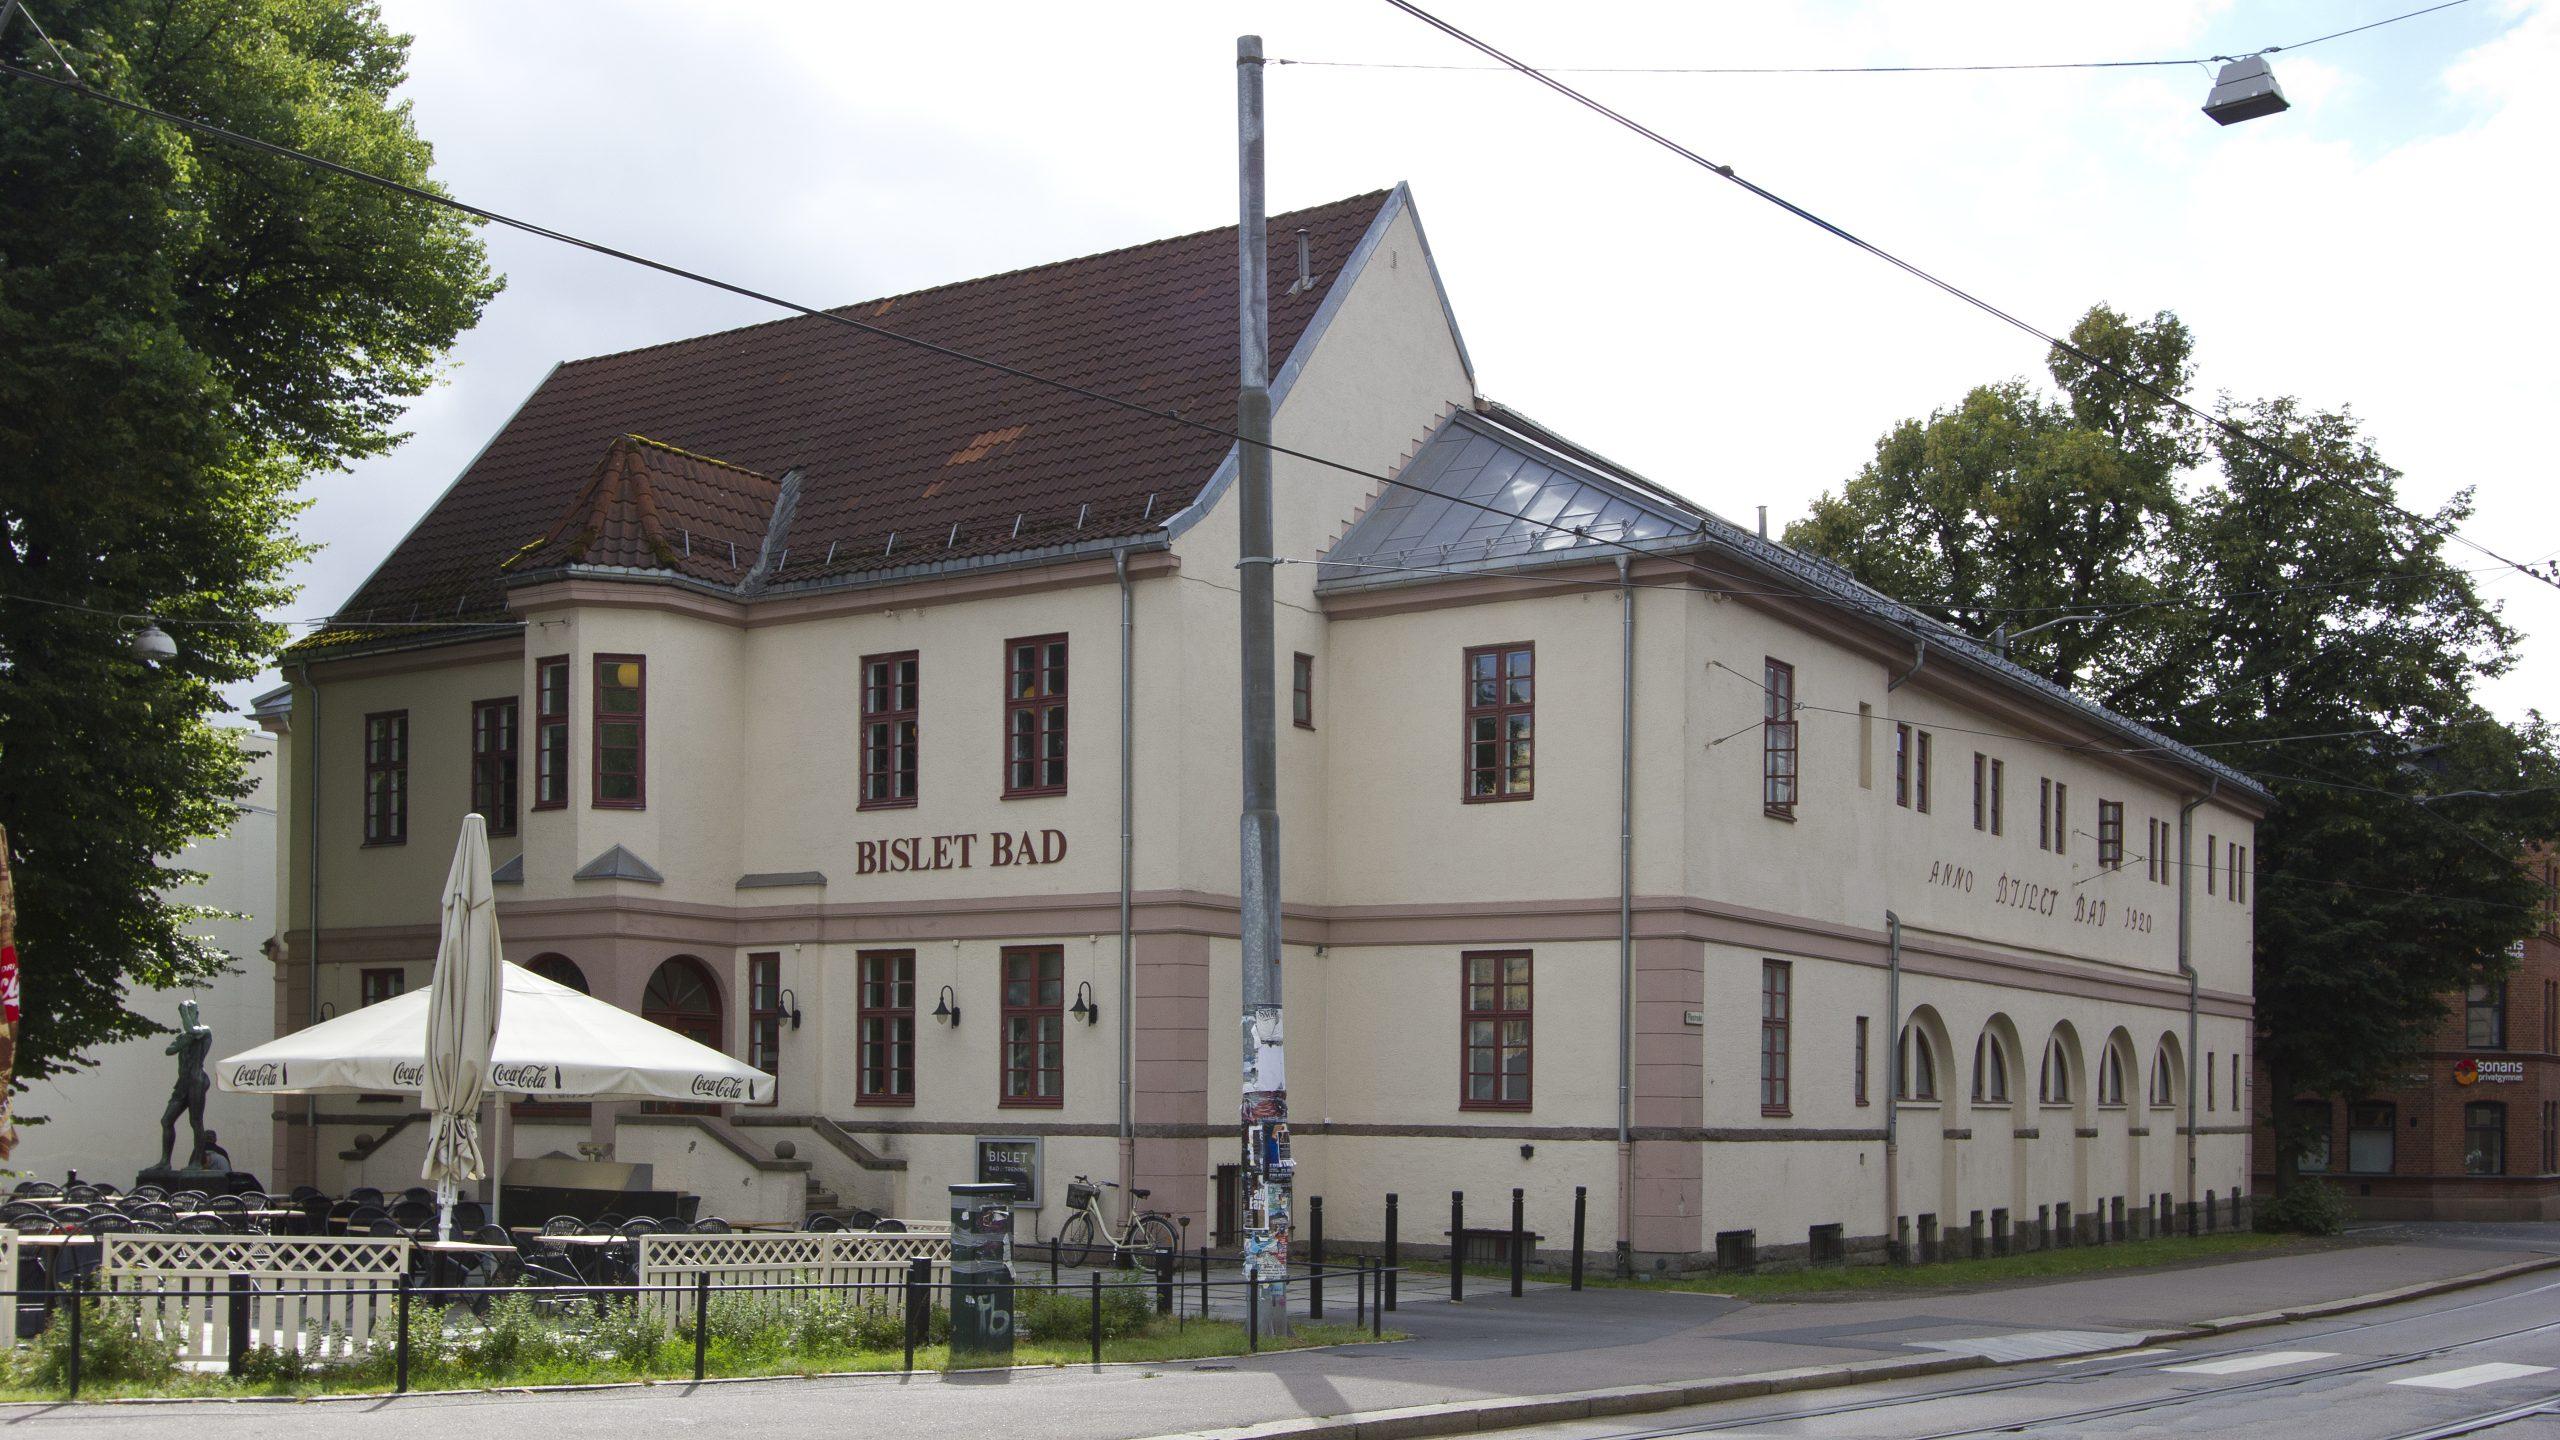 Bislet Bad i Oslo var Norges første svømmehall og ble regnet som Nordens største og vakreste anlegg da det stod ferdig. Foto: Dagfinn Rasmussen/Riksantikvaren